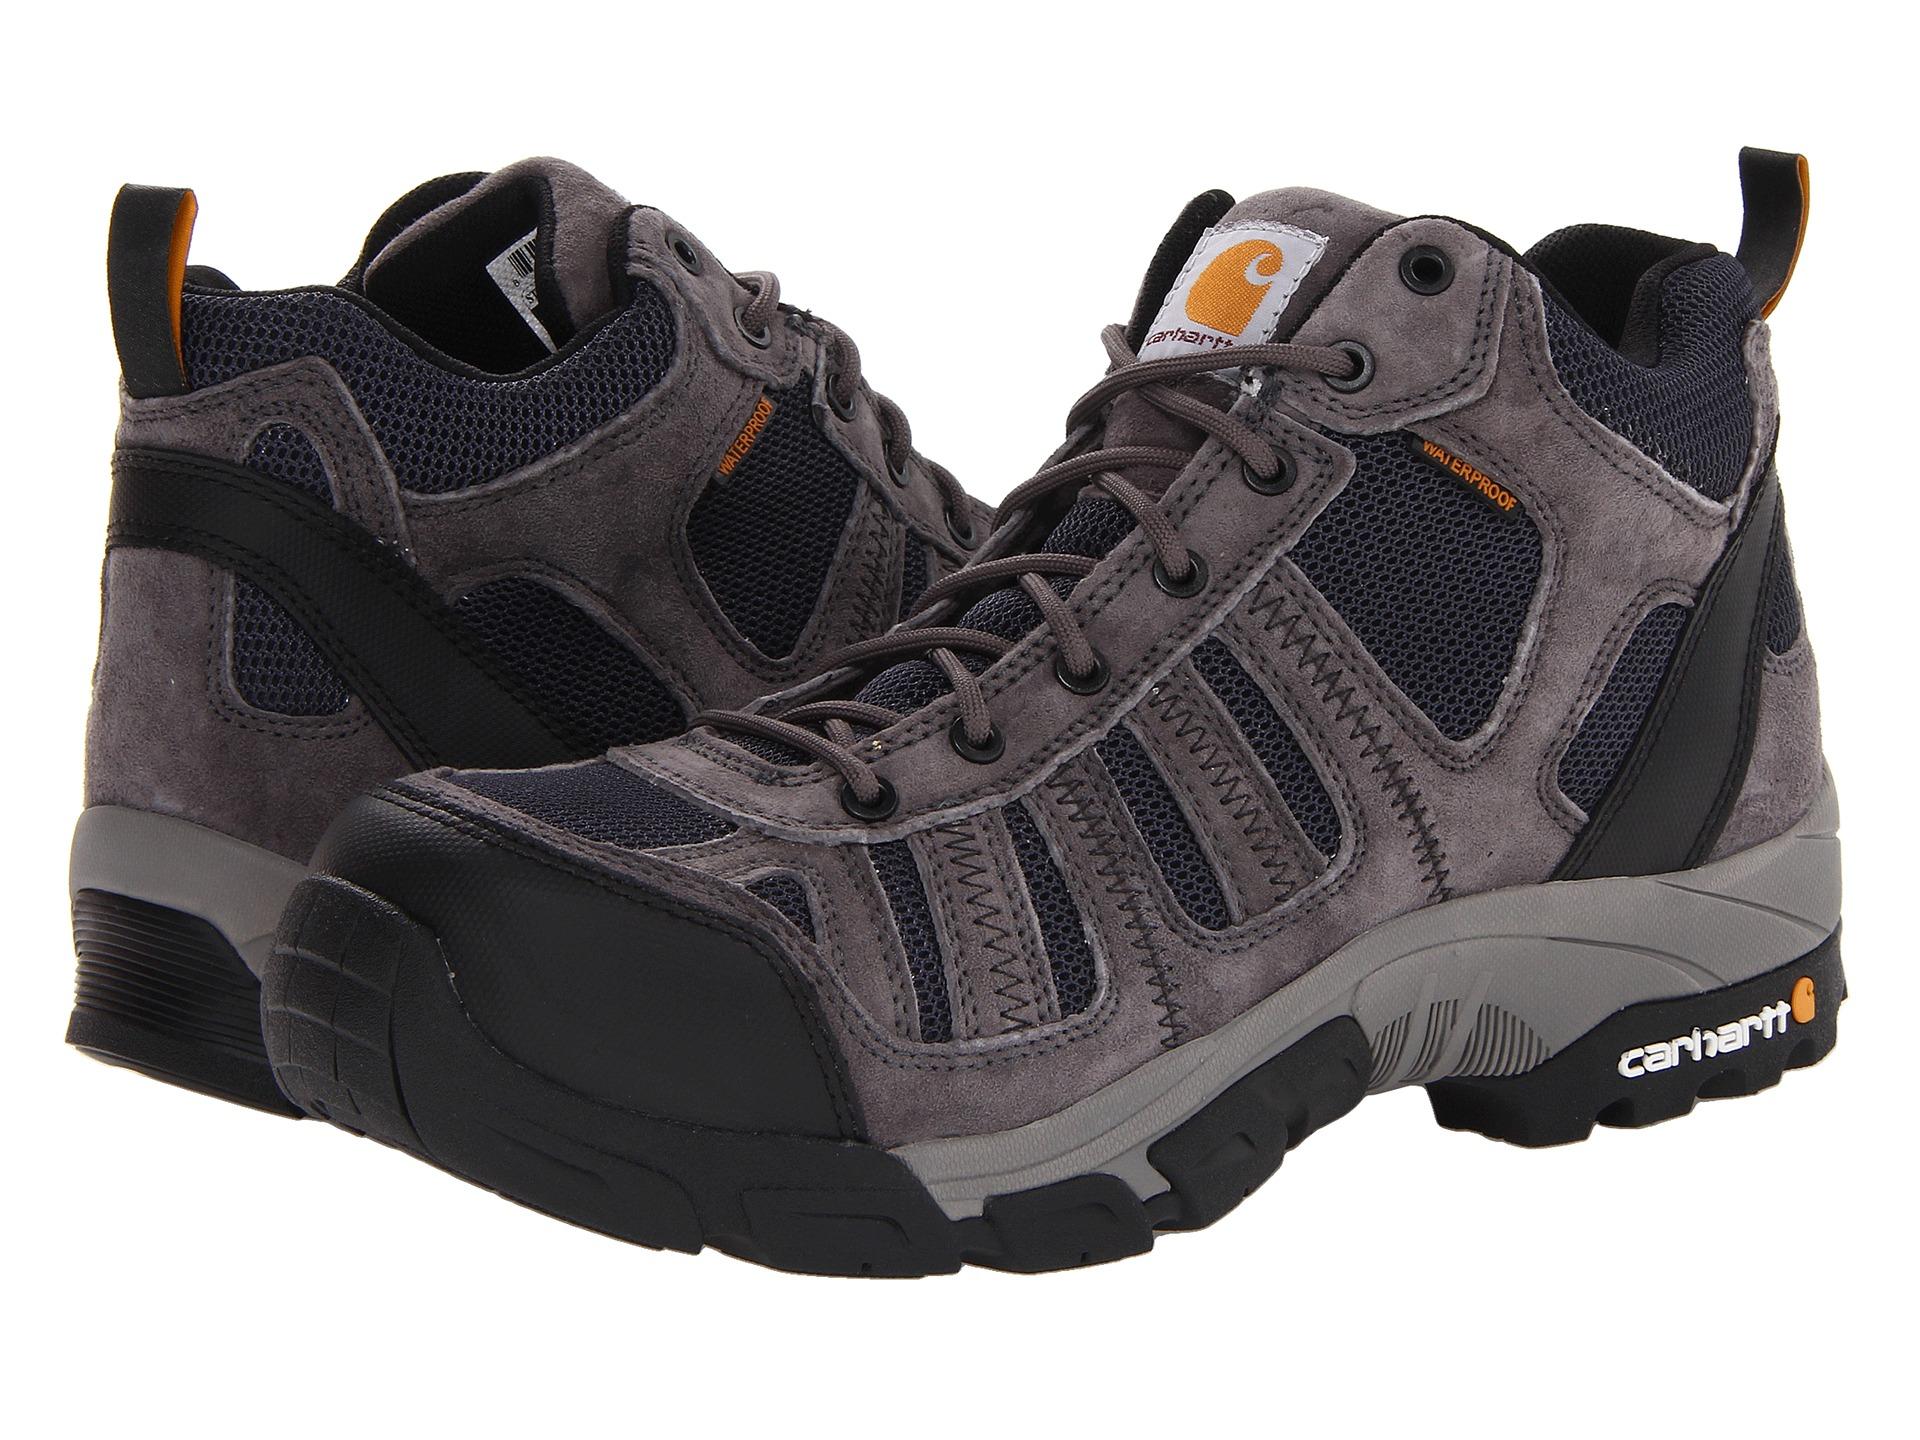 Carhartt Lightweight Waterproof Work Hiker Composite Toe - Zappos ...